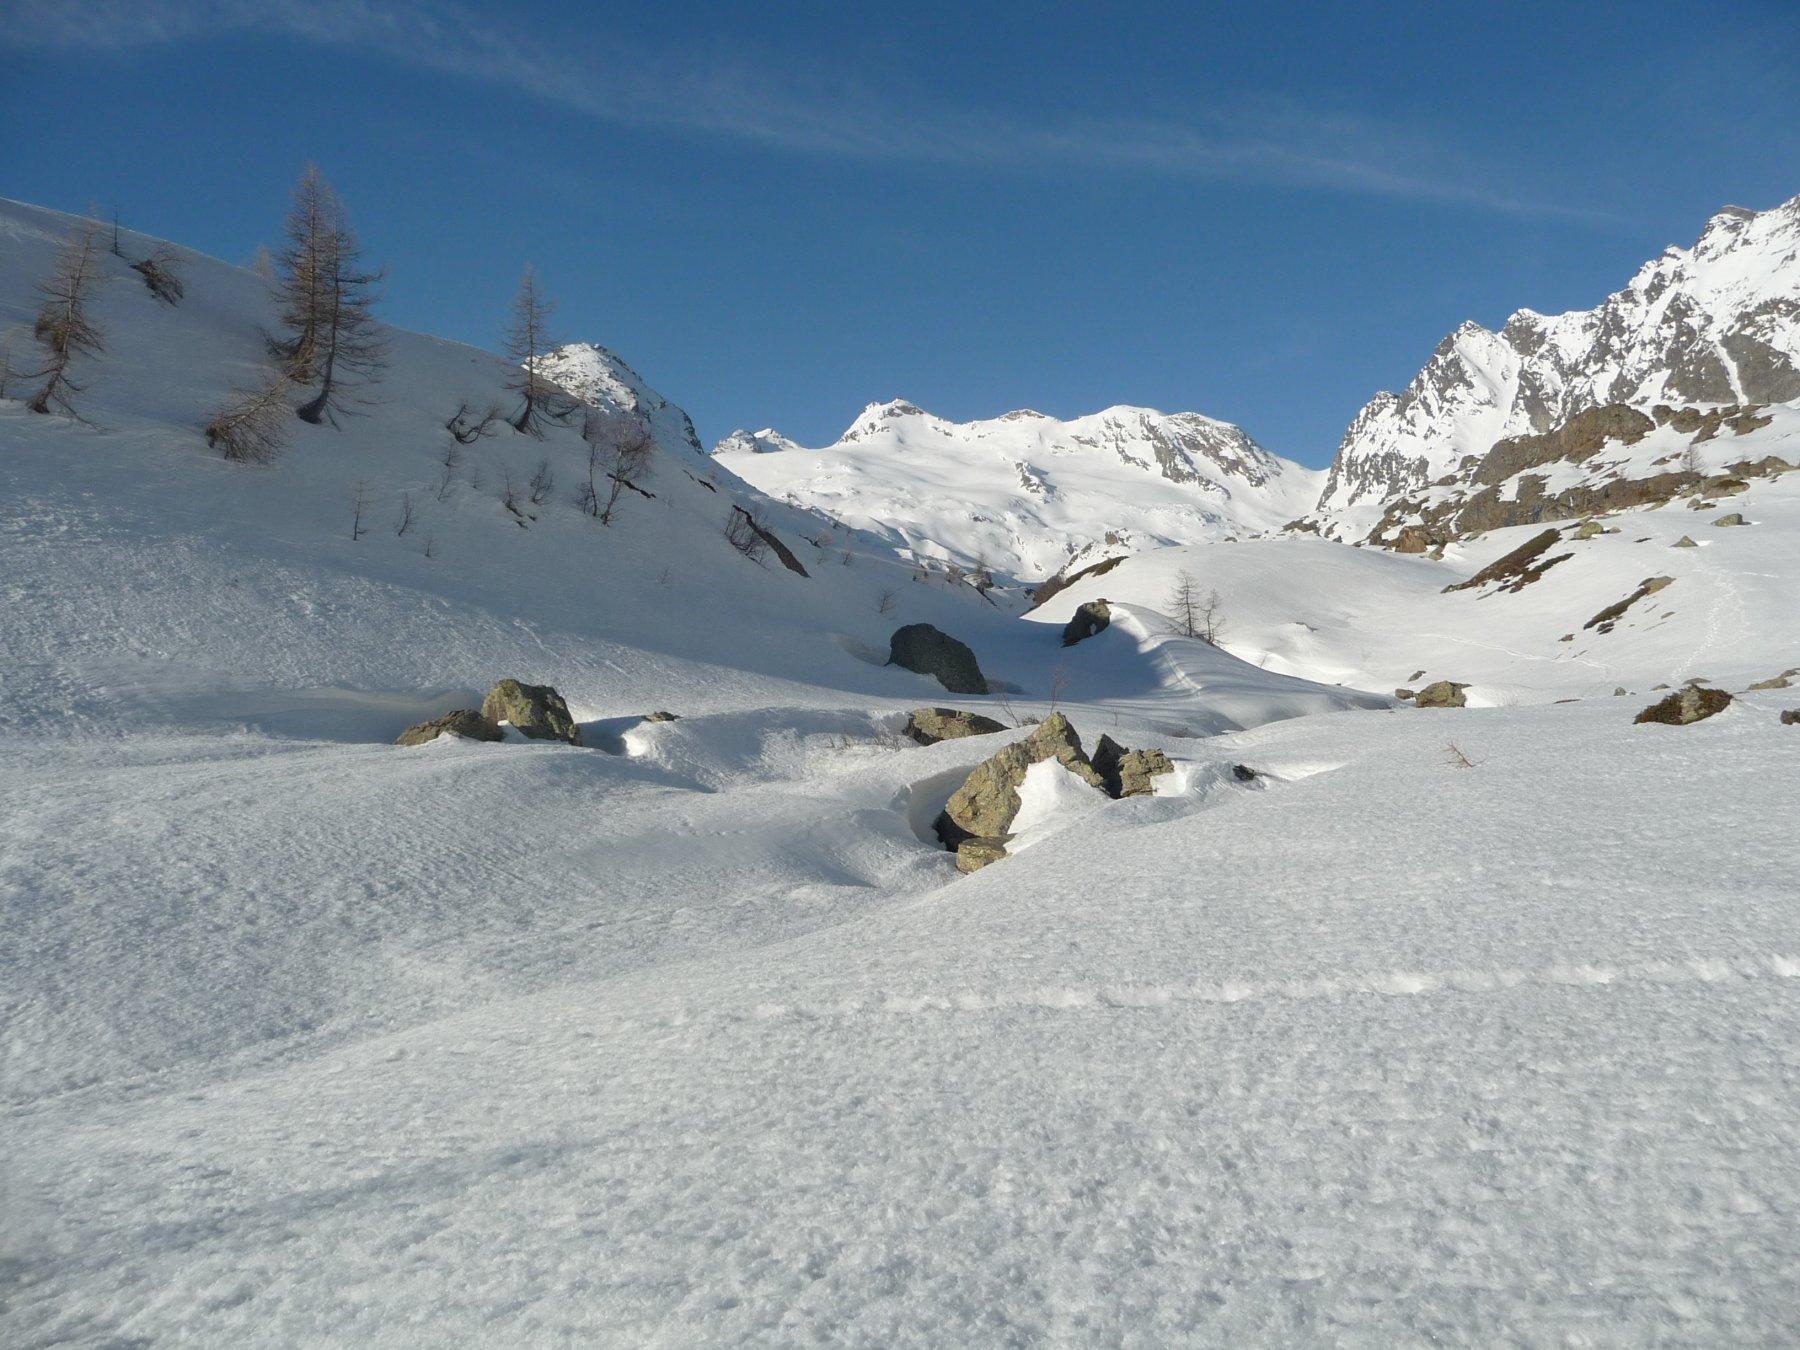 Inizia la neve con la meta sullo sfondo